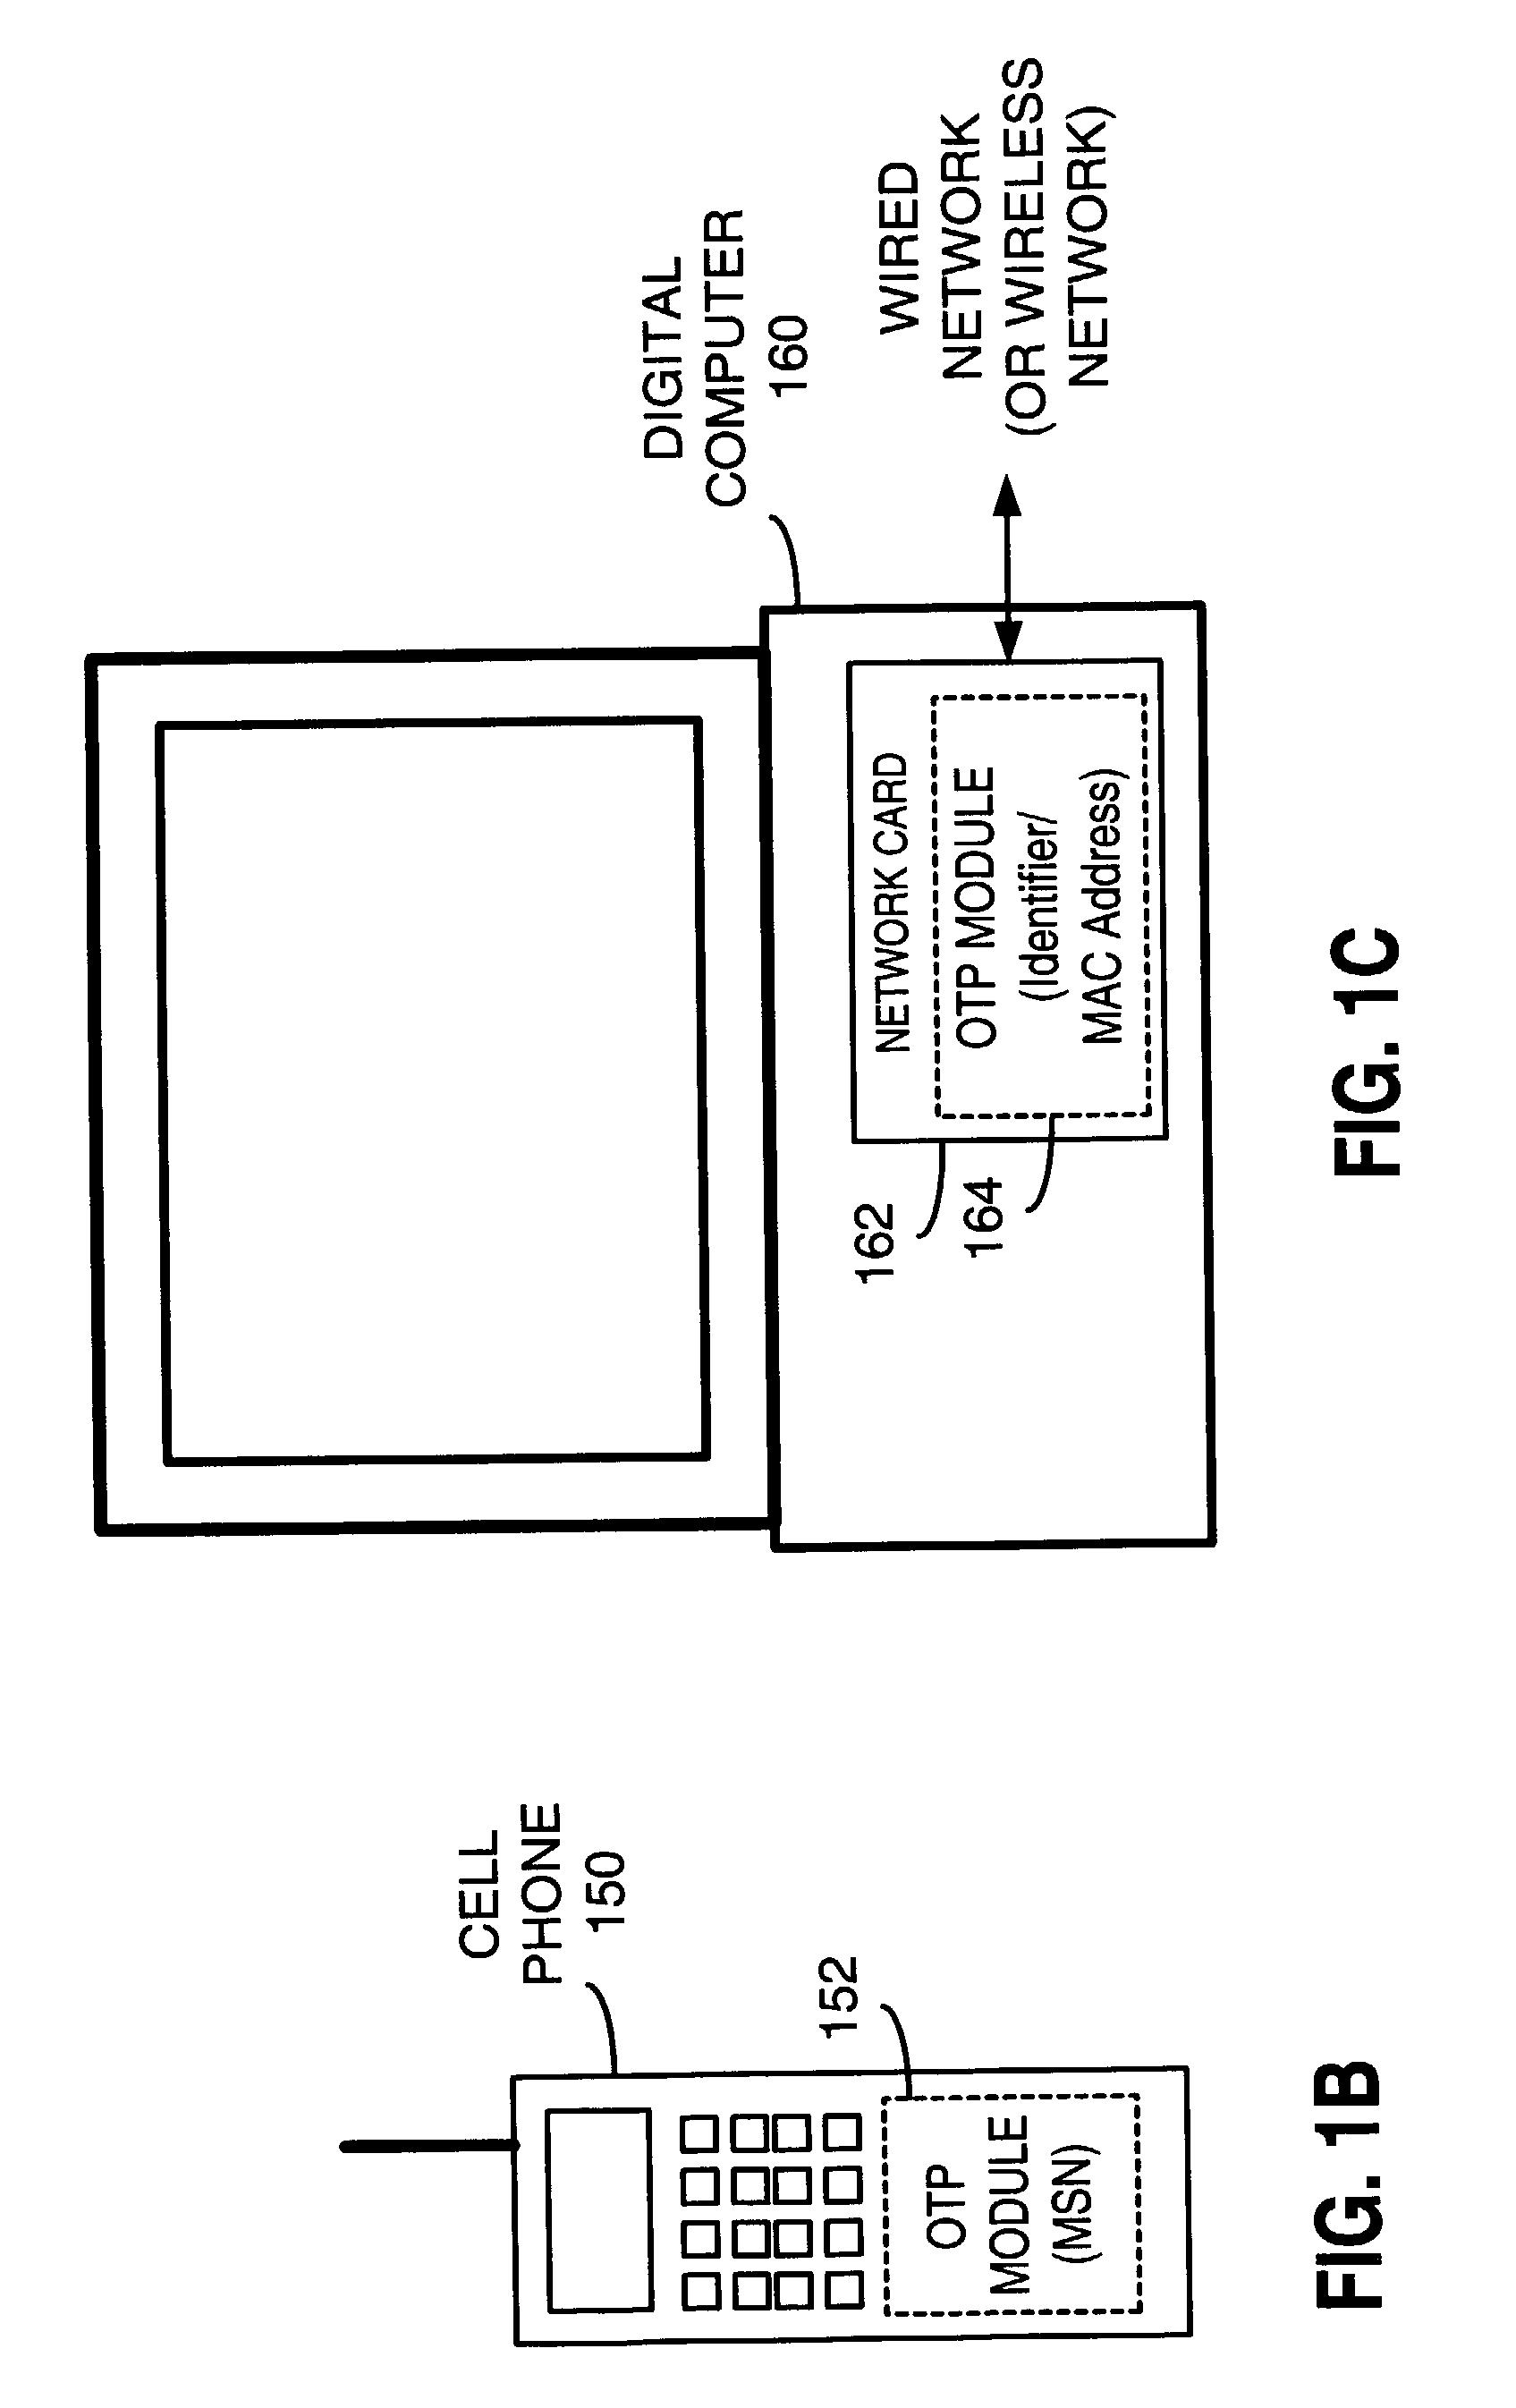 patent us20030217322